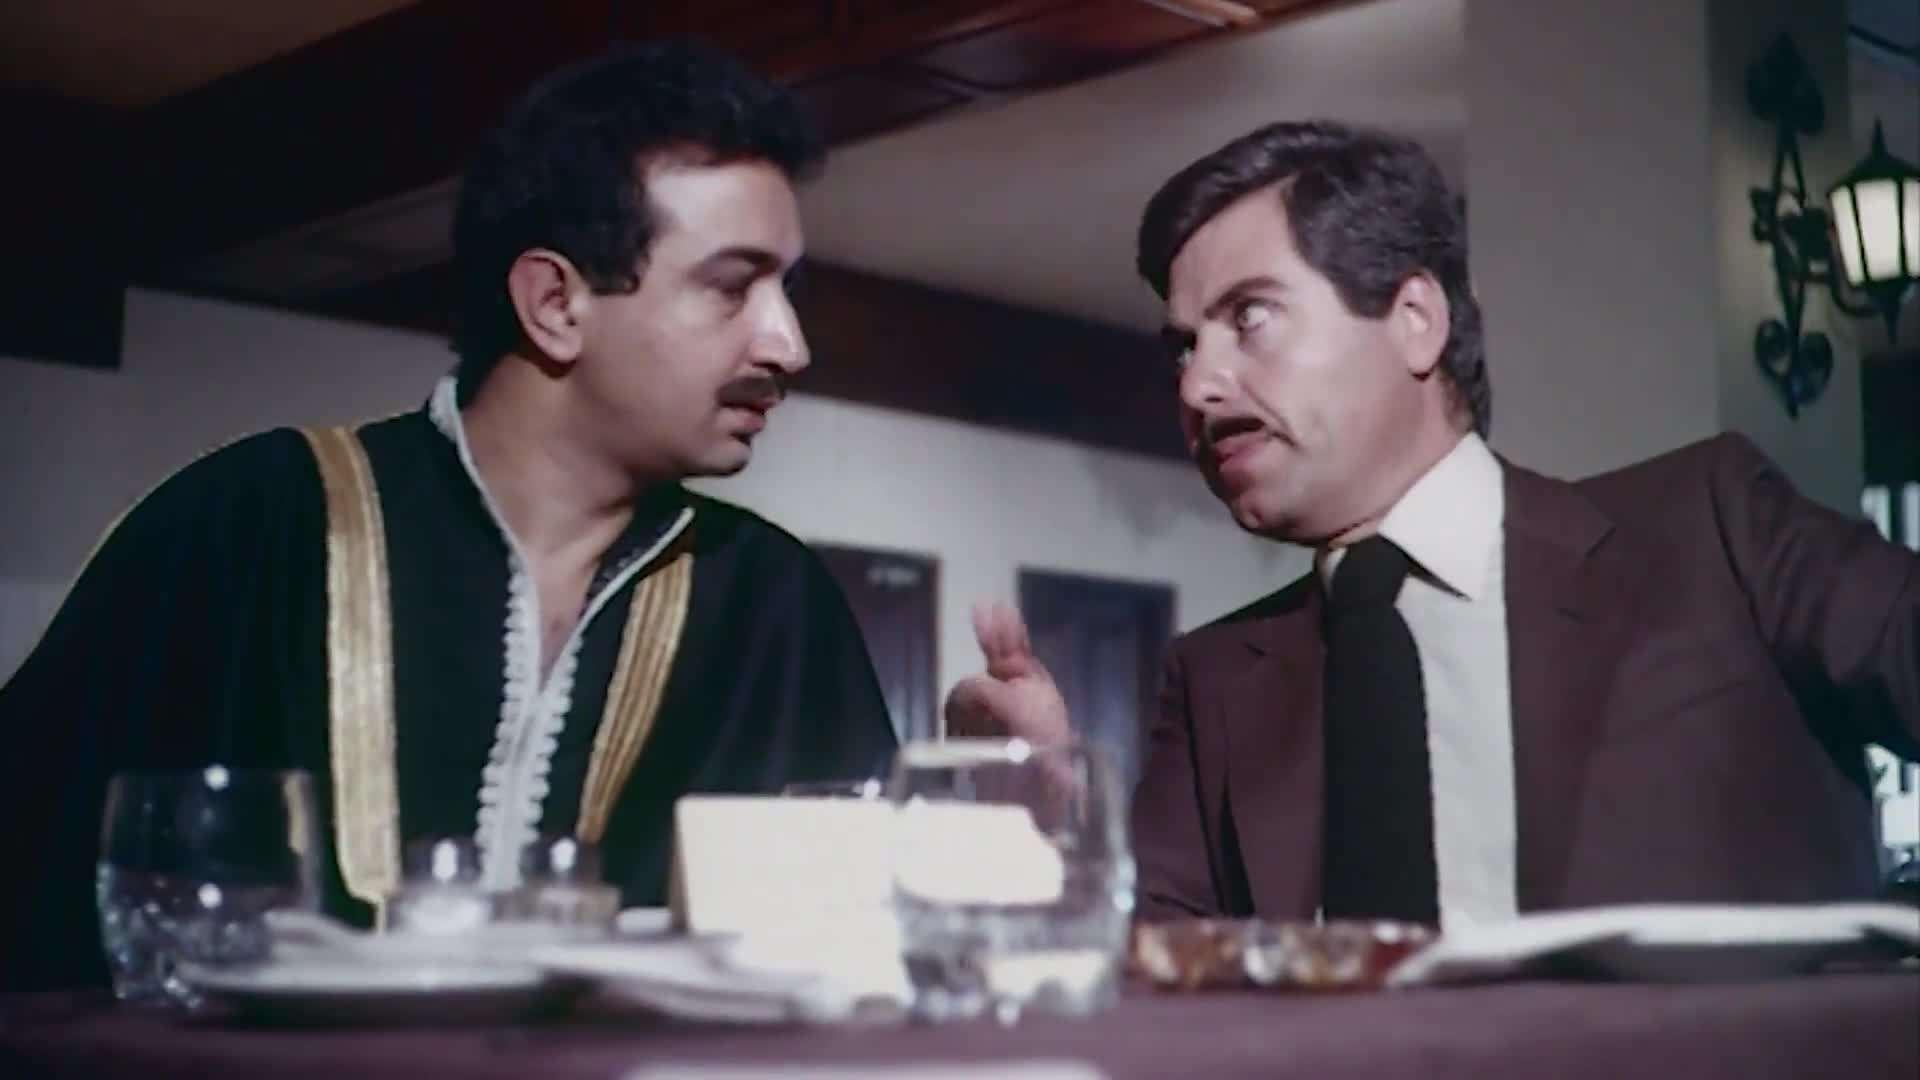 [فيلم][تورنت][تحميل][العار][1982][1080p][Web-DL] 9 arabp2p.com